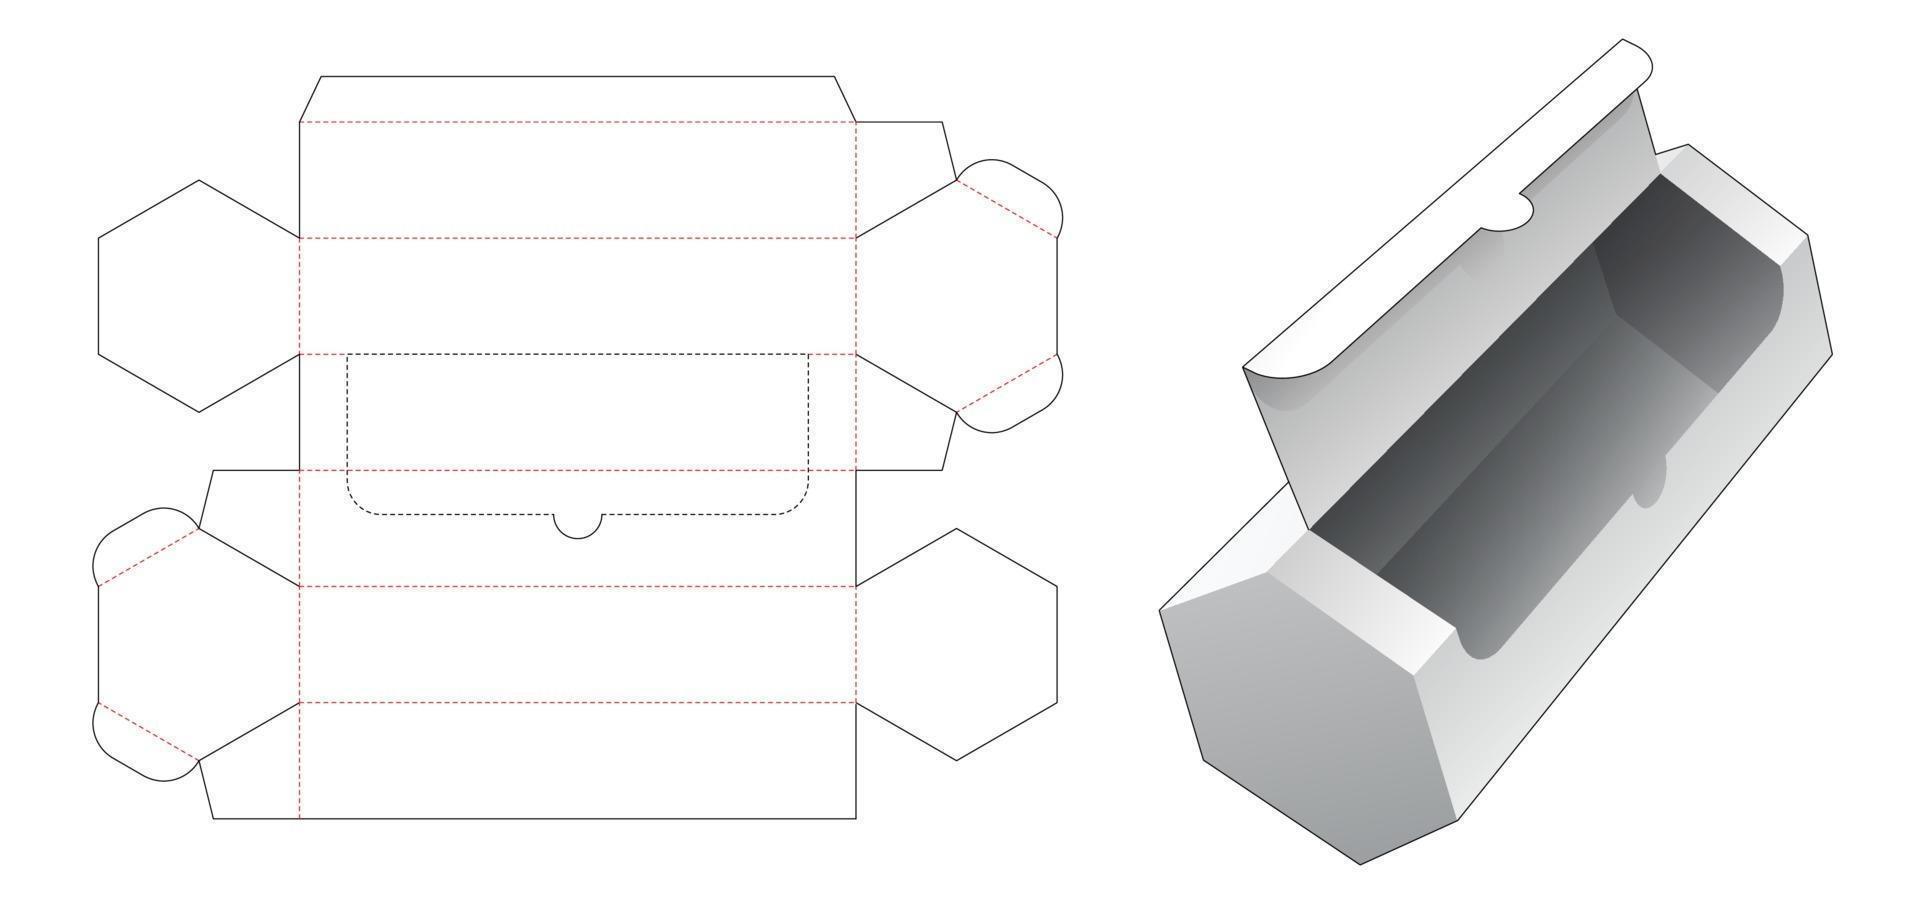 blixtlås lång sexkantig förpackningslåda vektor